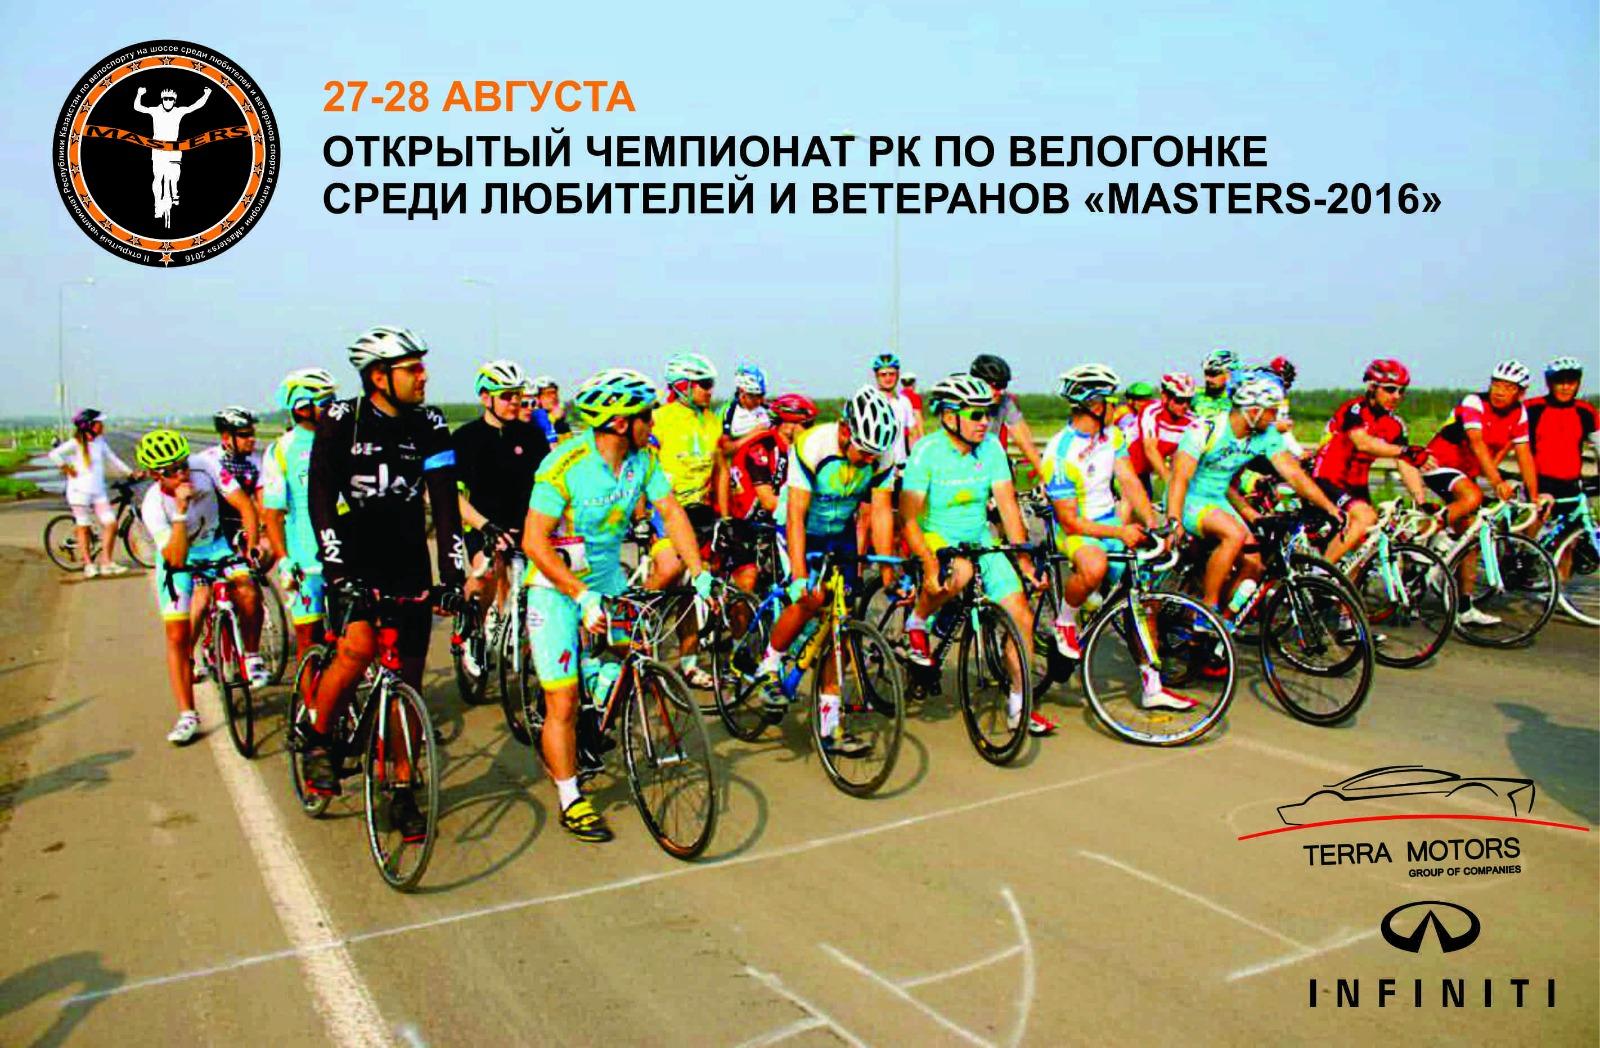 Соревнования по велоспорту календарь